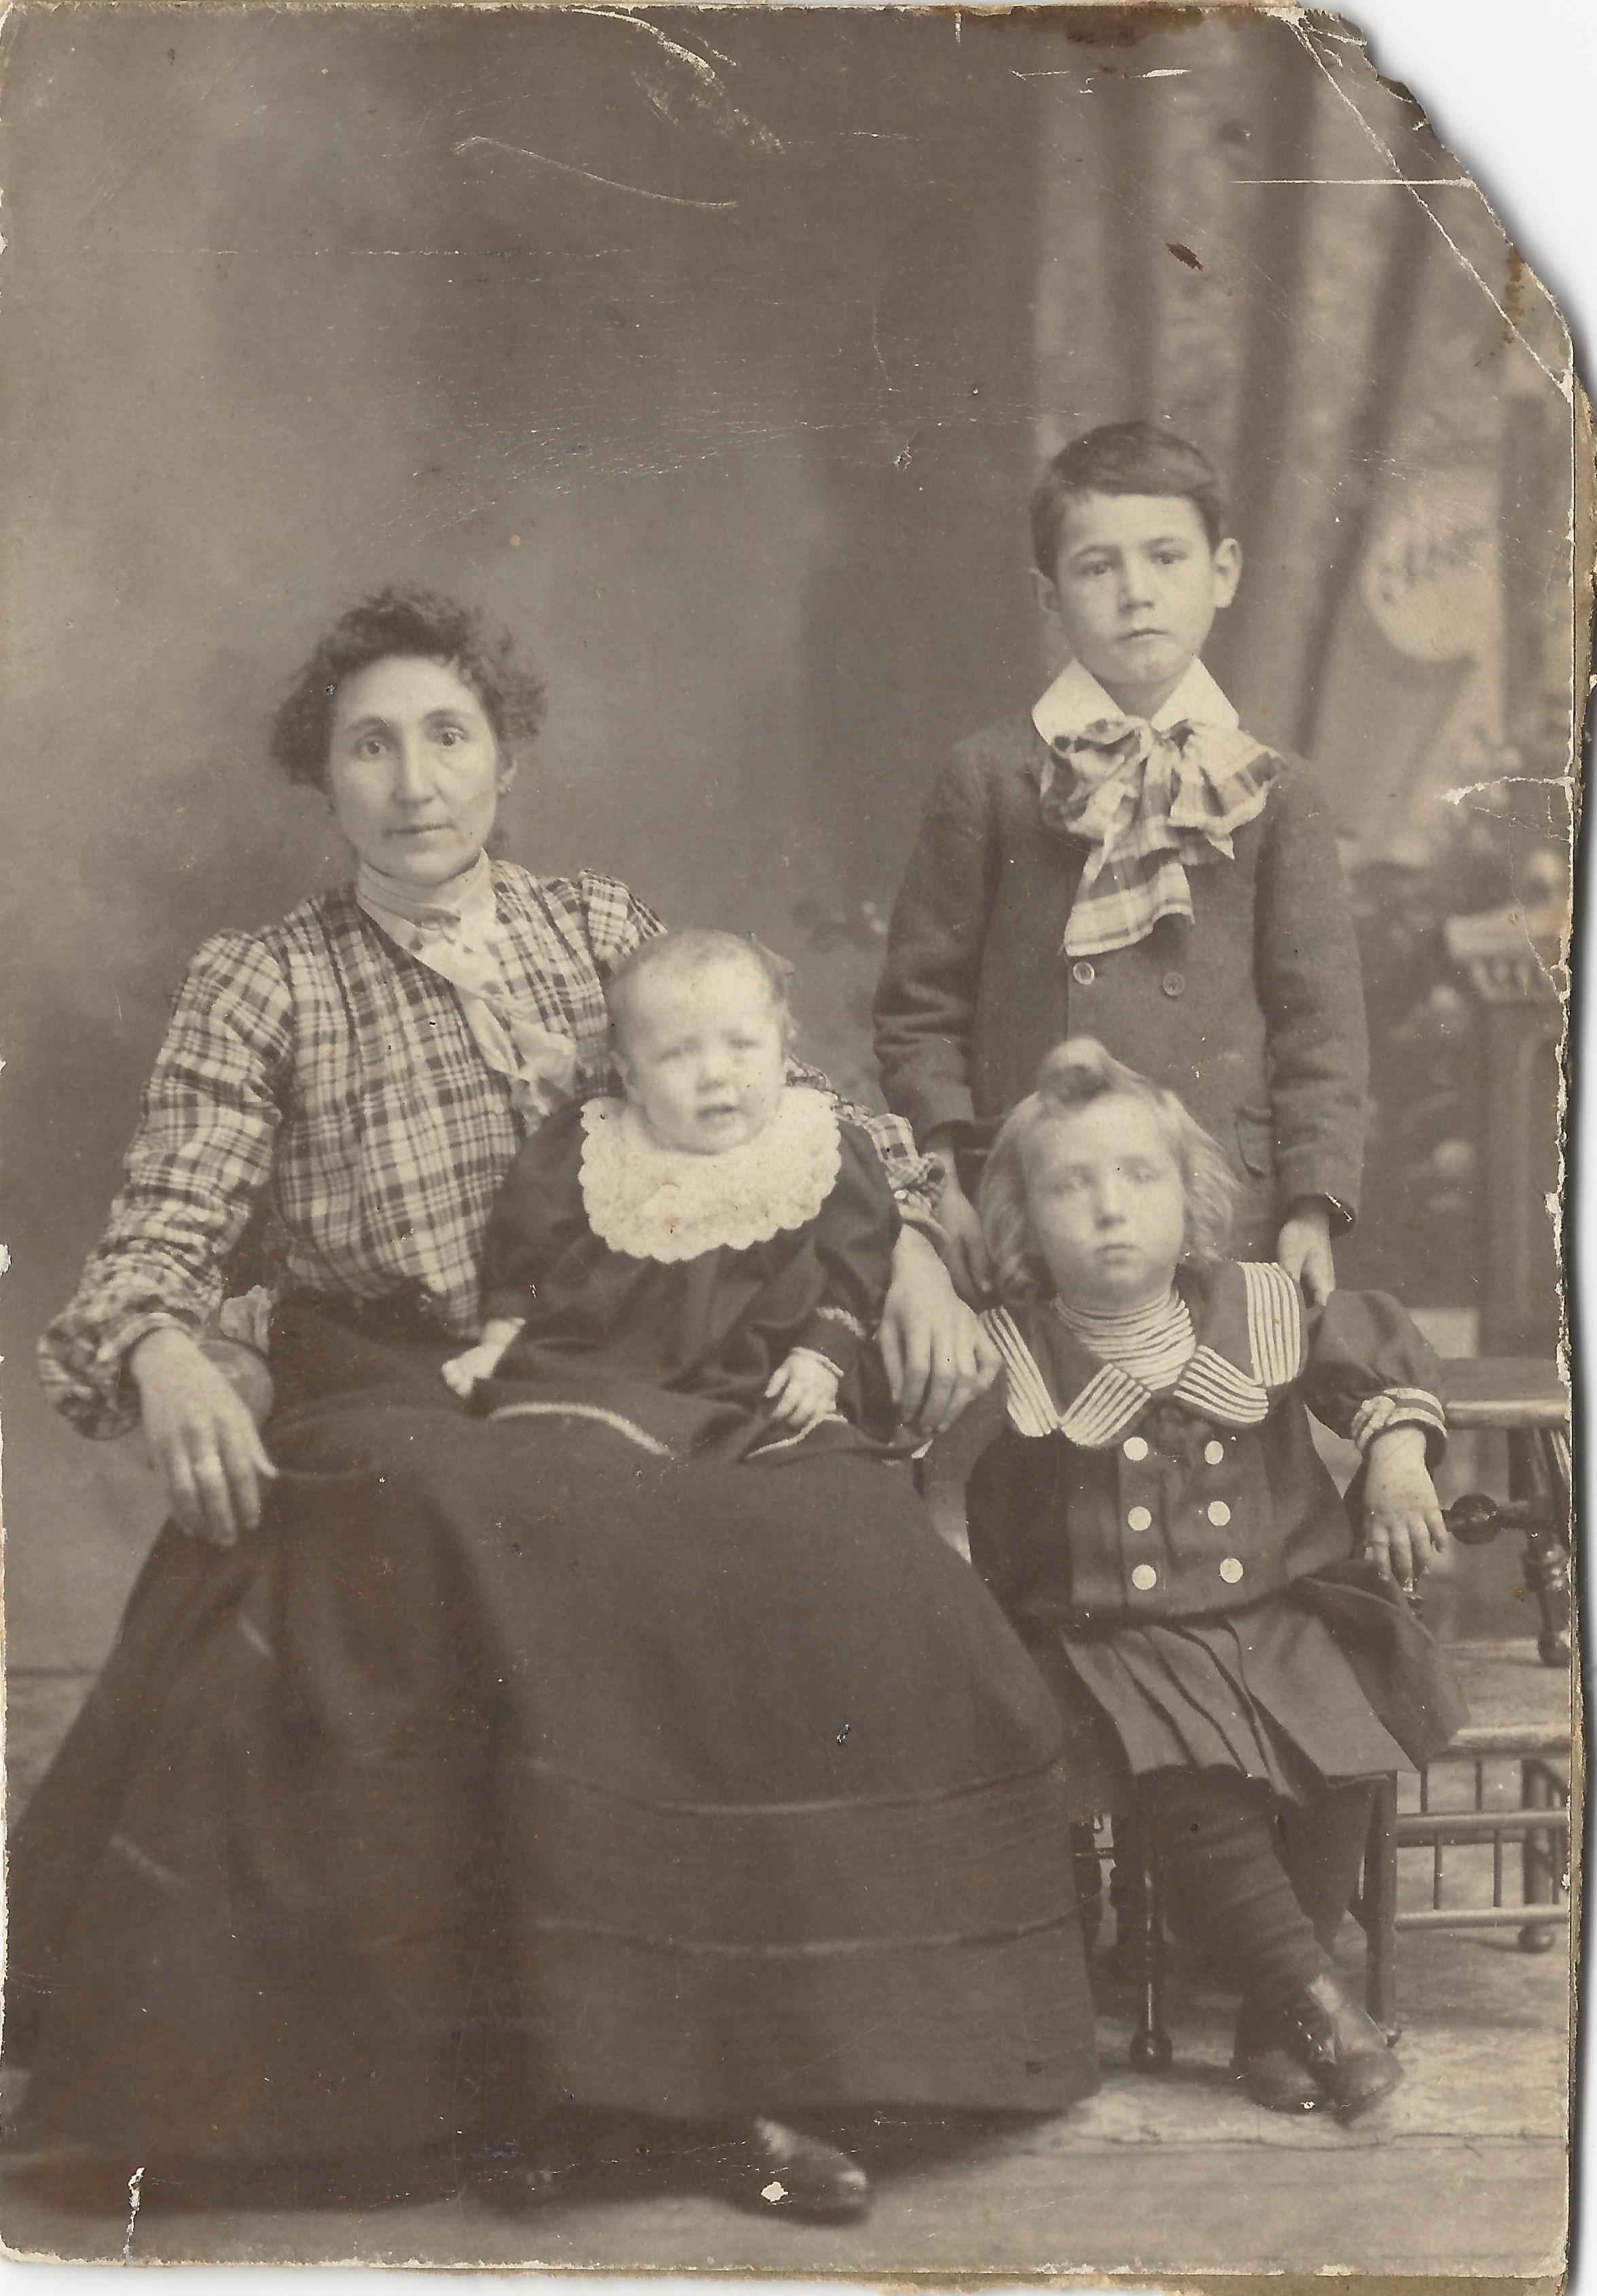 Cécile Gagnon et ses premiers enfants, vers 1899. Seul John, à droite, survivra à la petite enfance. Wilfred et Blanche Pauline (photo) seront déjà décédés quand Blanche-Ida viendra au monde, en 1902.